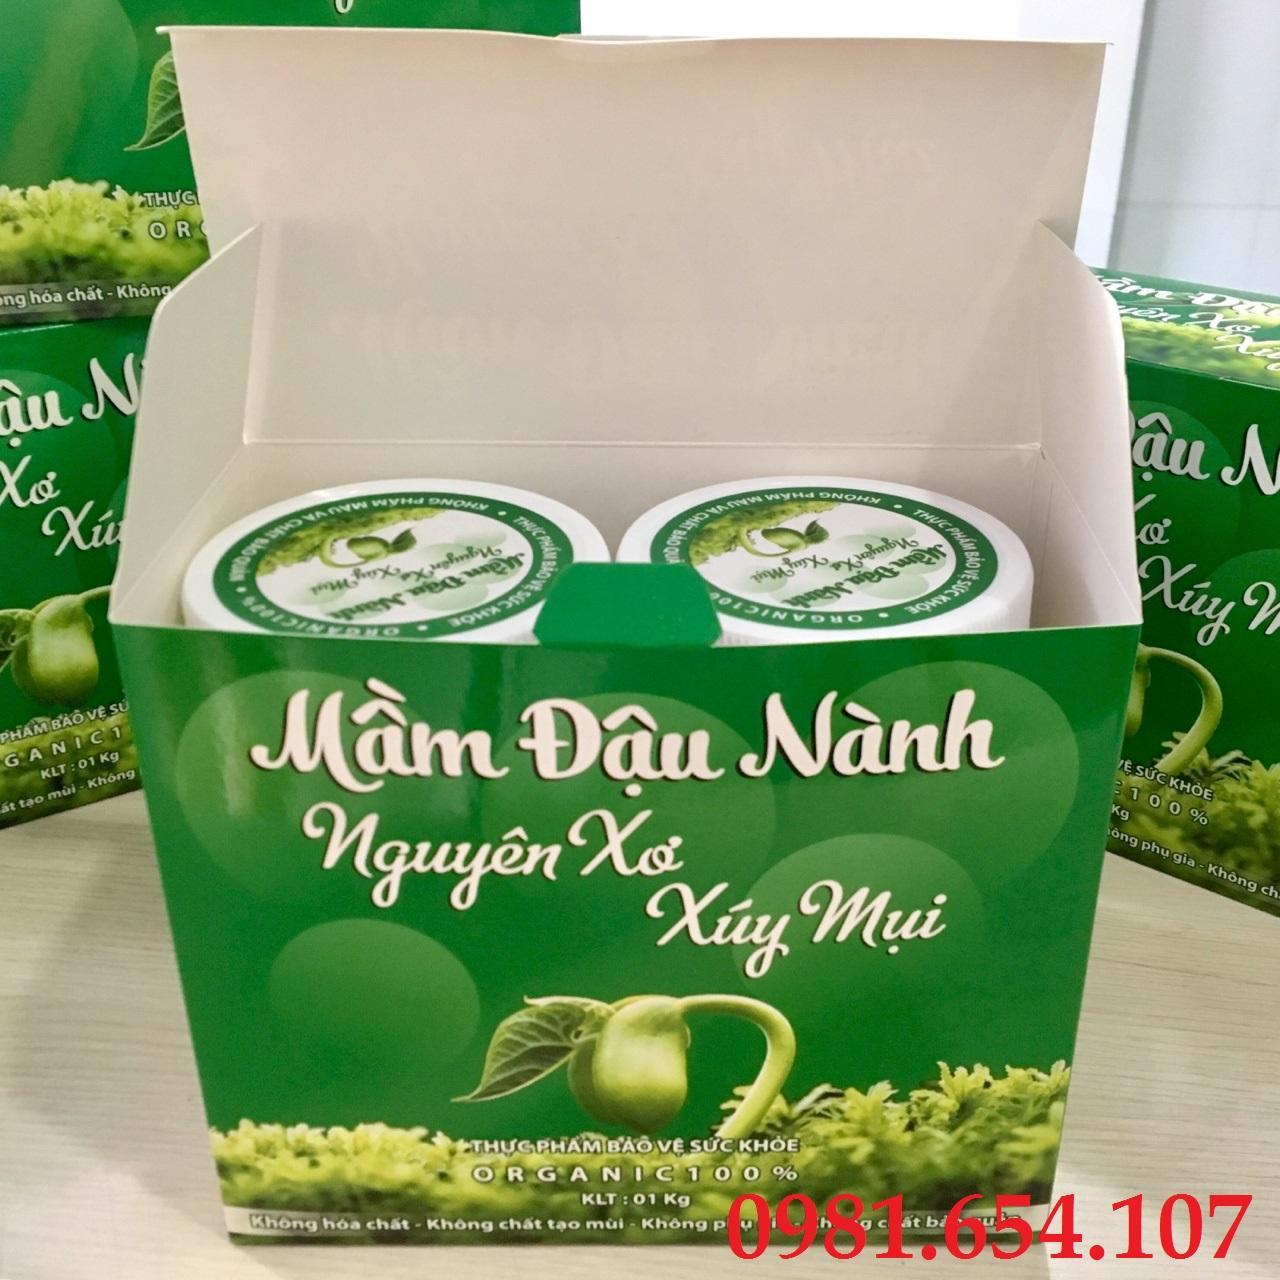 Đậu nành Việt Nam - Mầm đậu nành nguyên xơ Xúy Mụi - đậu nành ta - 1kg 2 hộp...